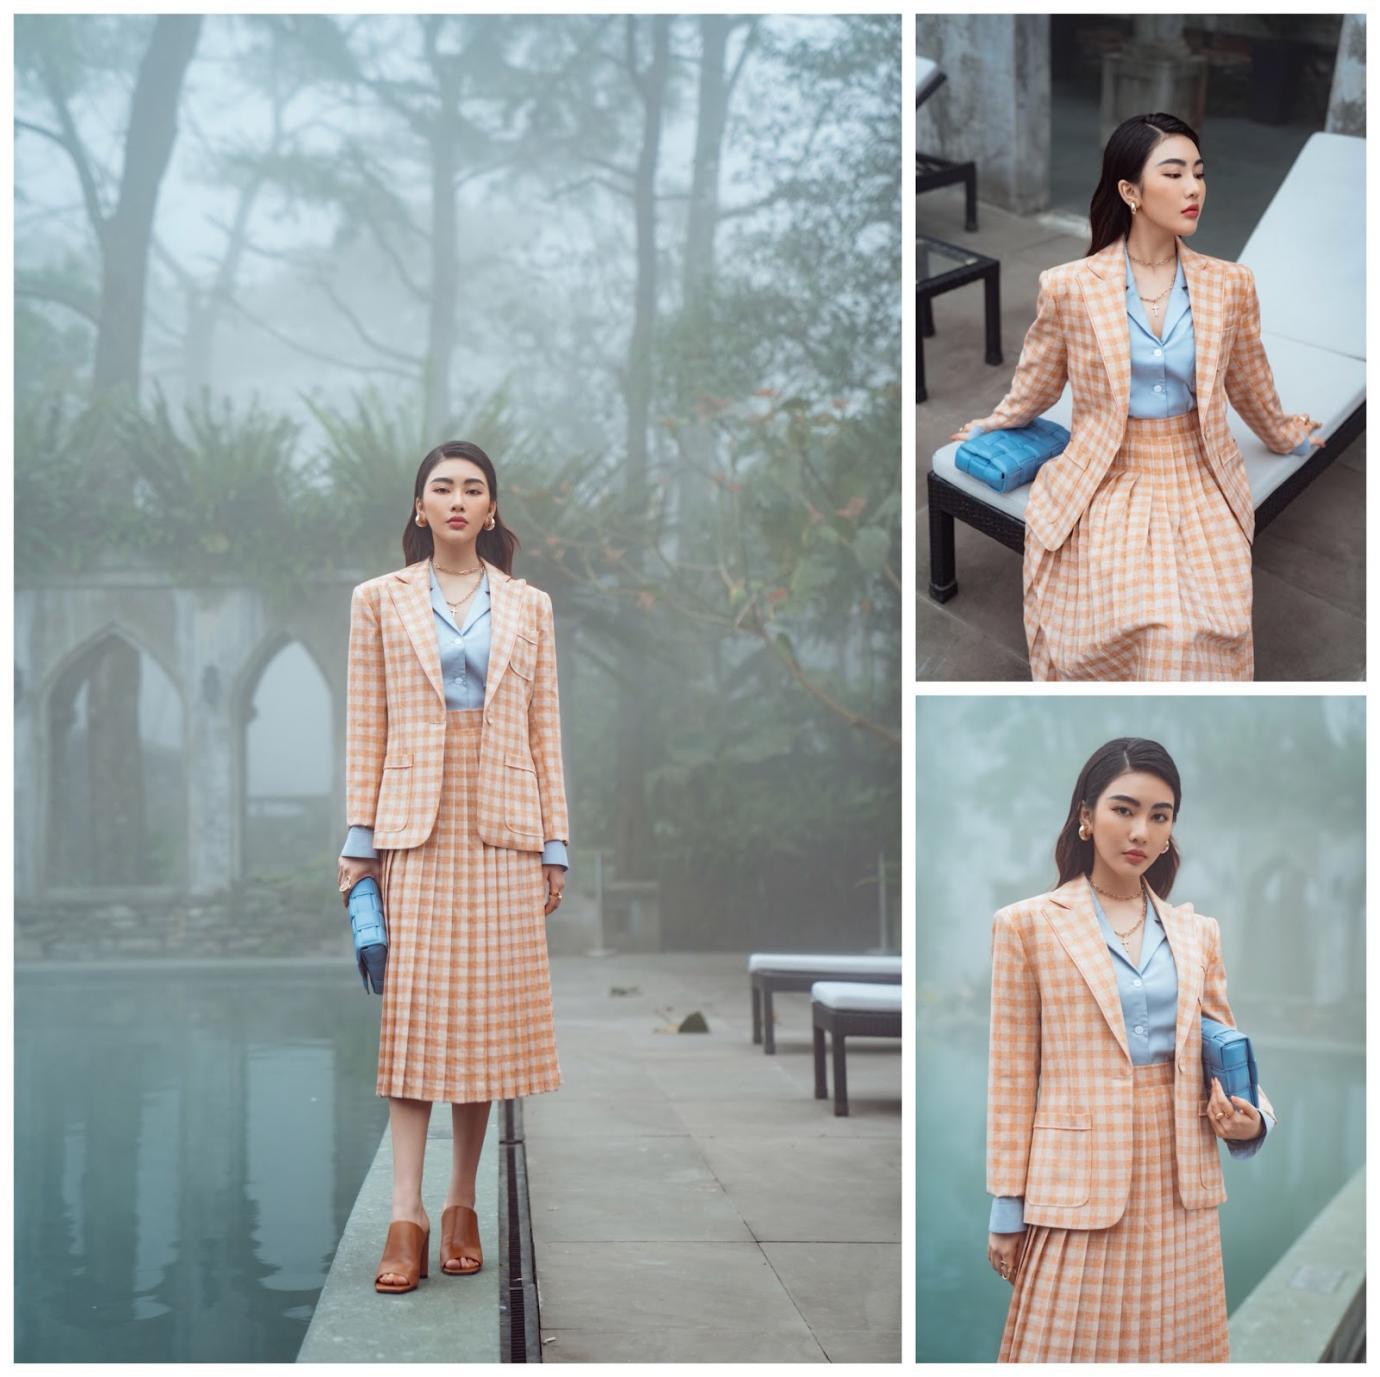 Leenaa clothing gợi ý 7 outfit xuân-hè ngọt ngào tươi mới gây sốt trong năm nay - Ảnh 6.